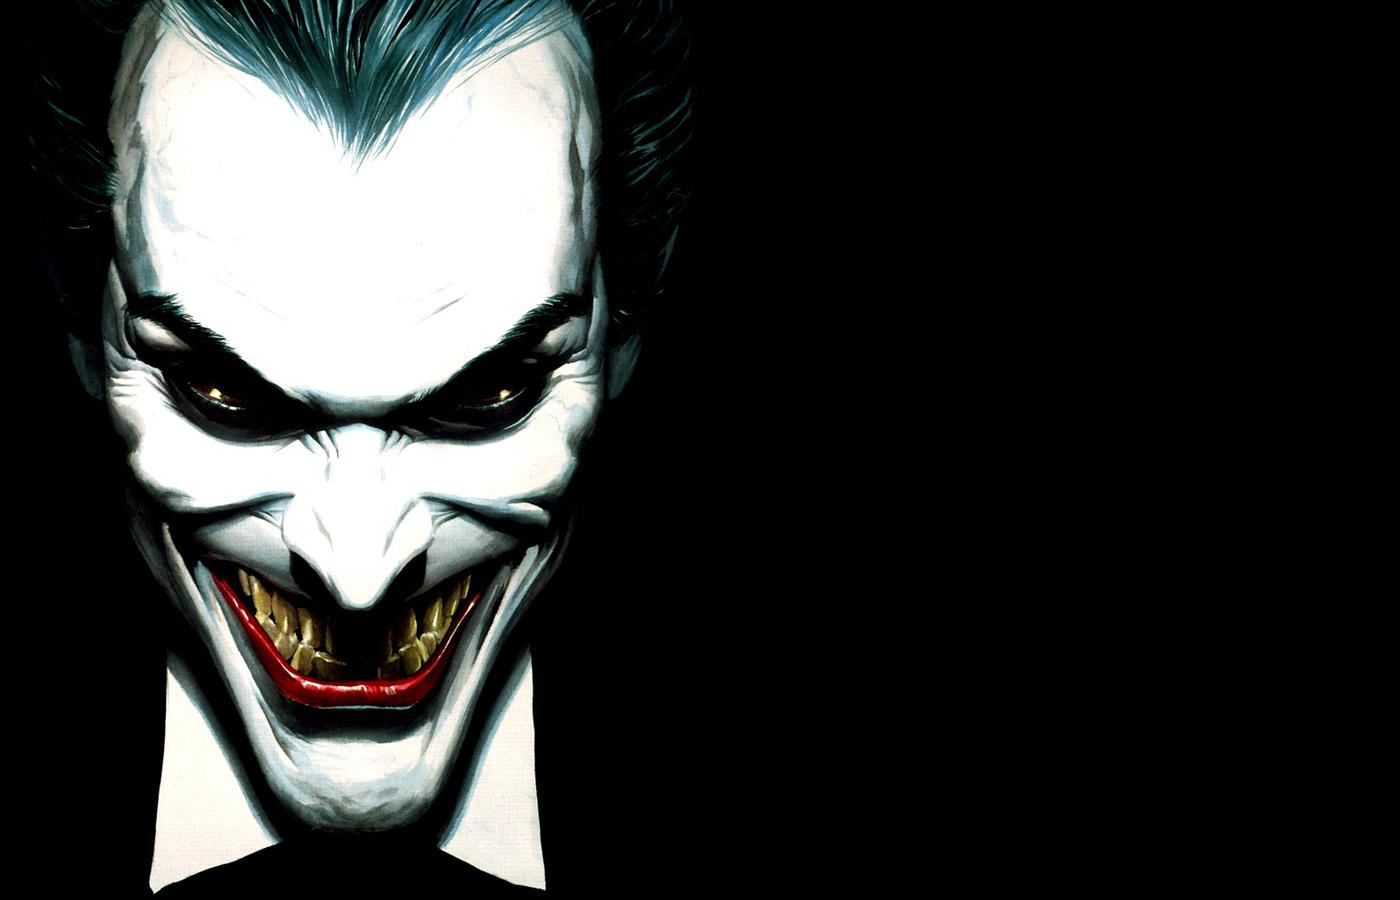 the Joker Batman Wallpapers 1400x900